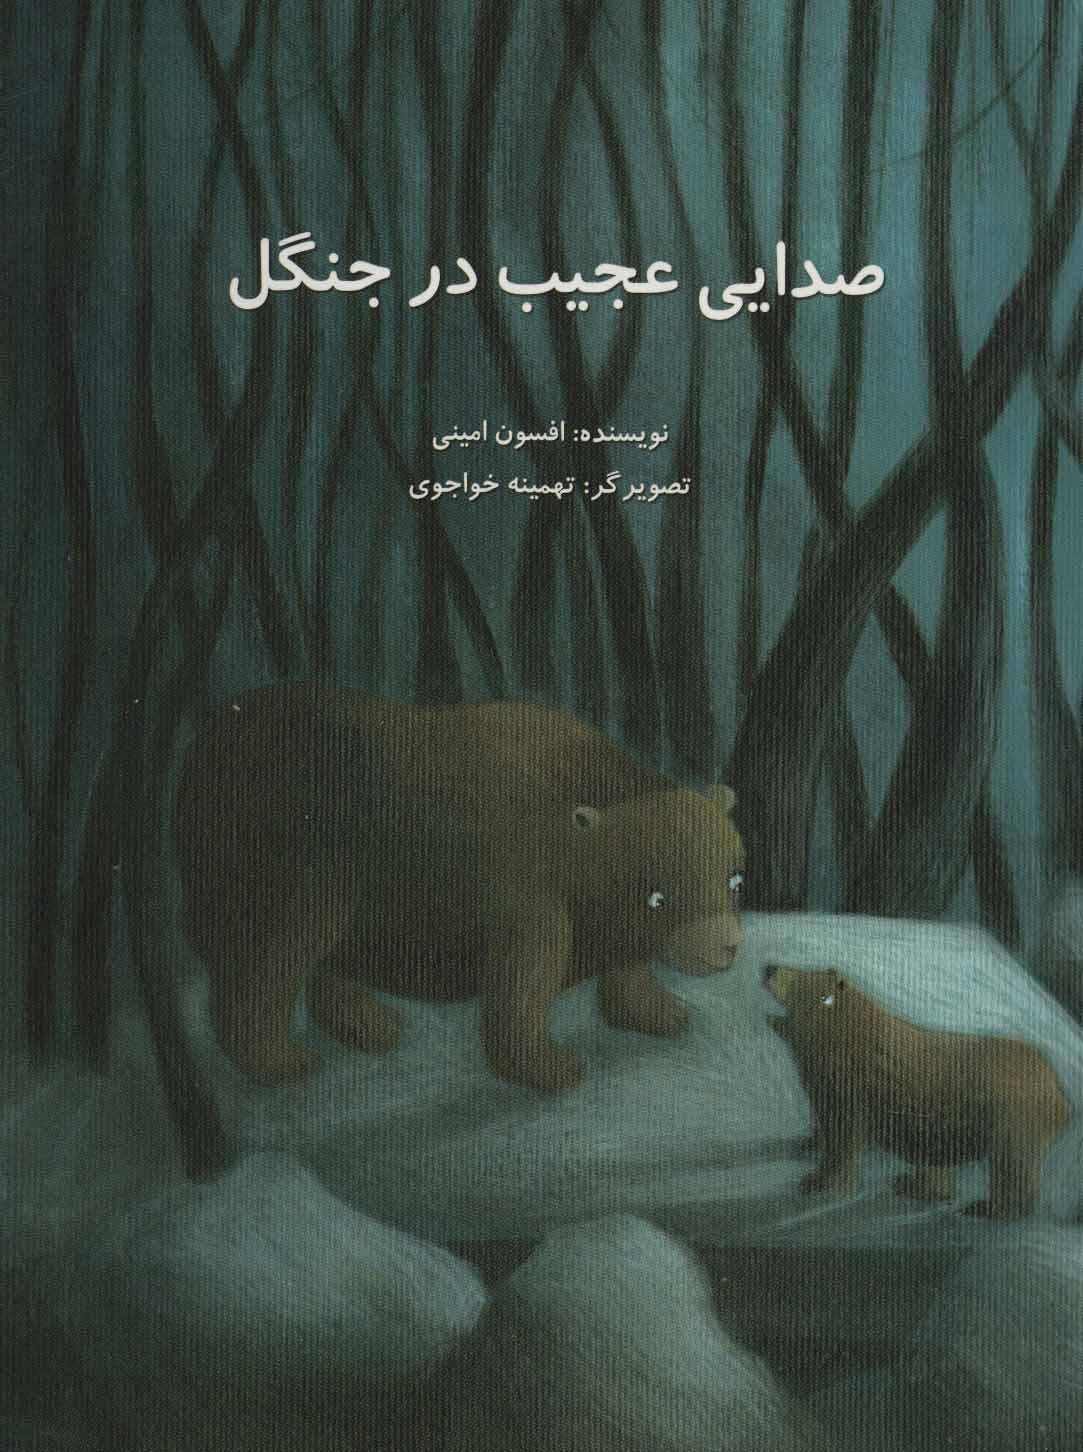 کتاب صدایی عجیب در جنگل